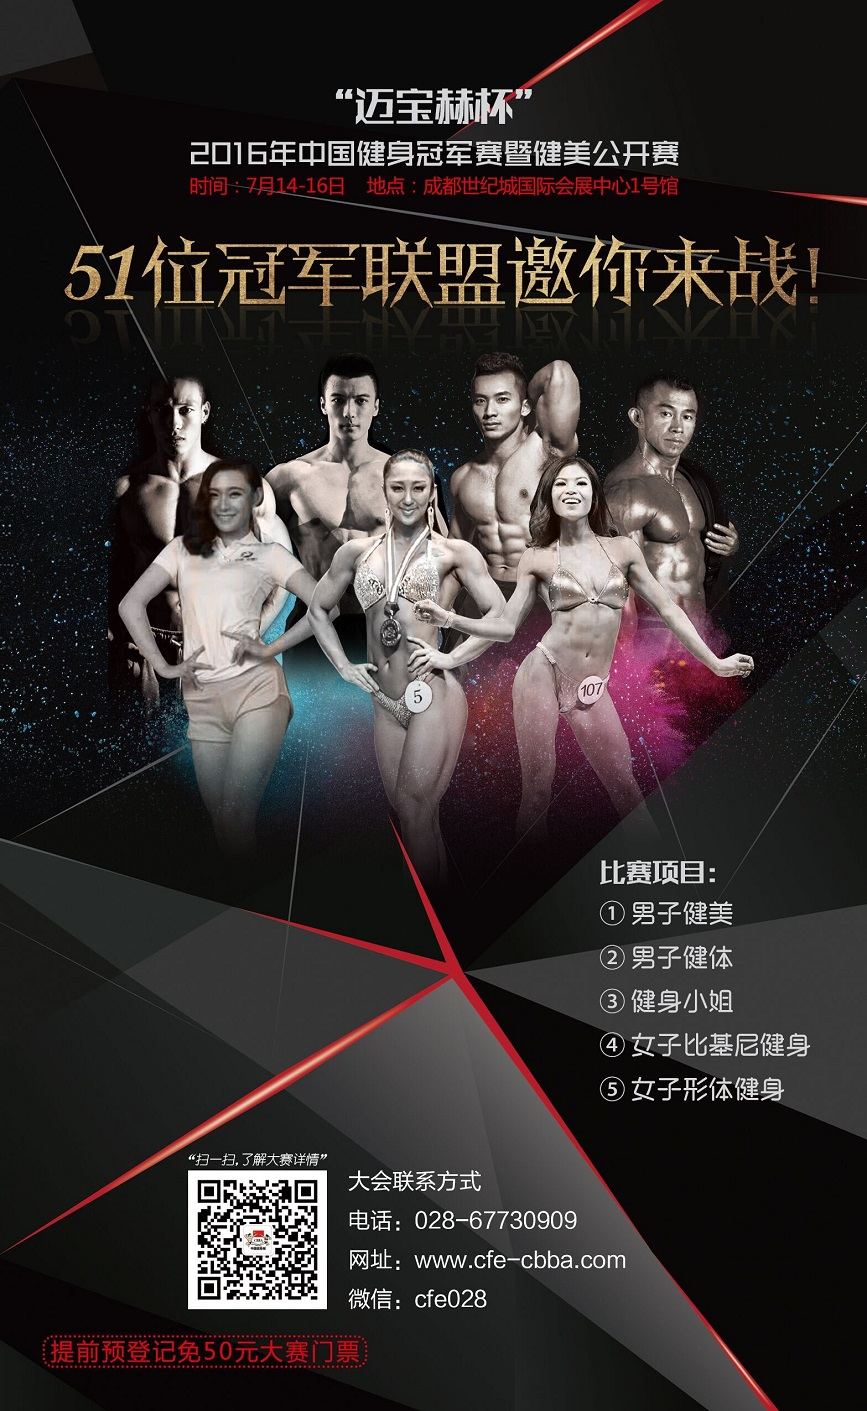 """""""迈宝赫杯""""2016年中国健身冠军赛暨健美公开赛邀你来战!"""